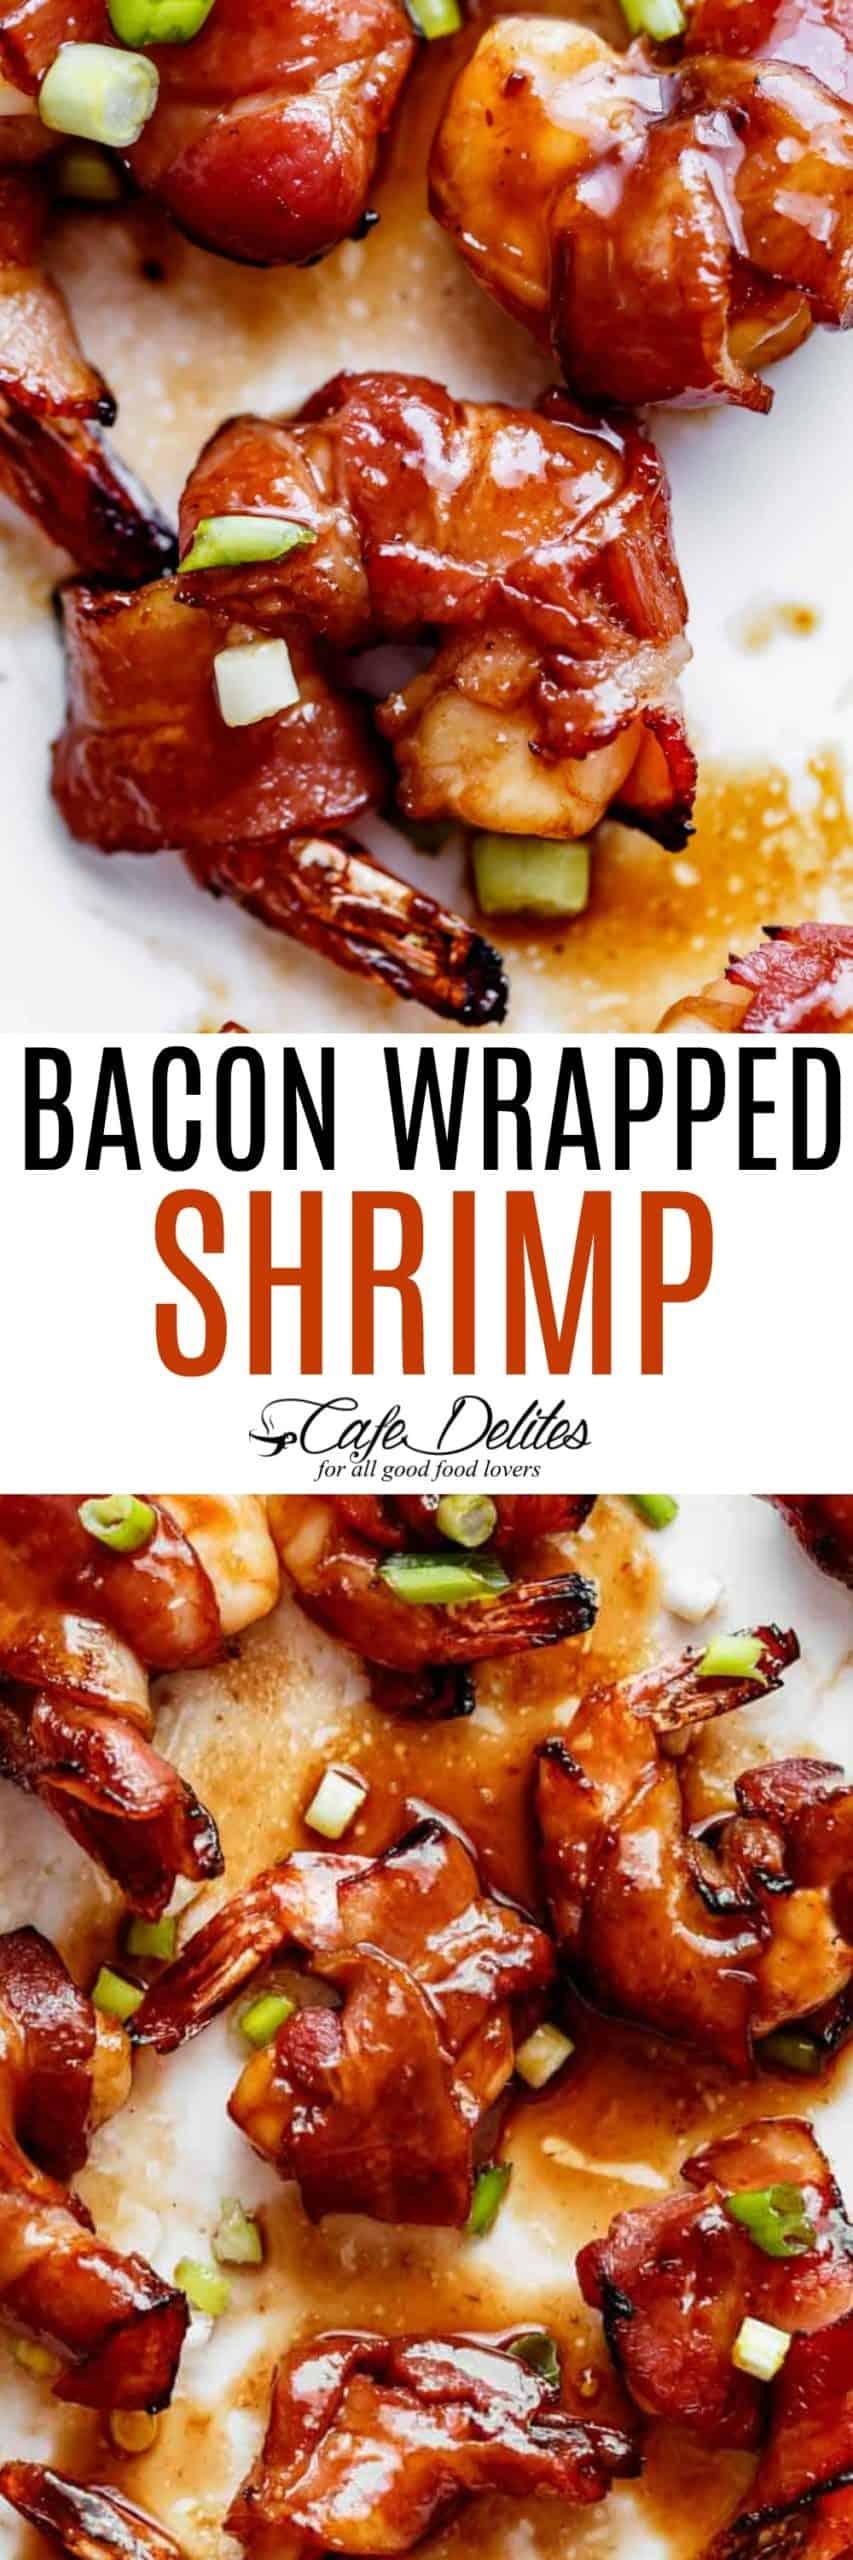 Bacon Wrapped Shrimp | cafedelites.com